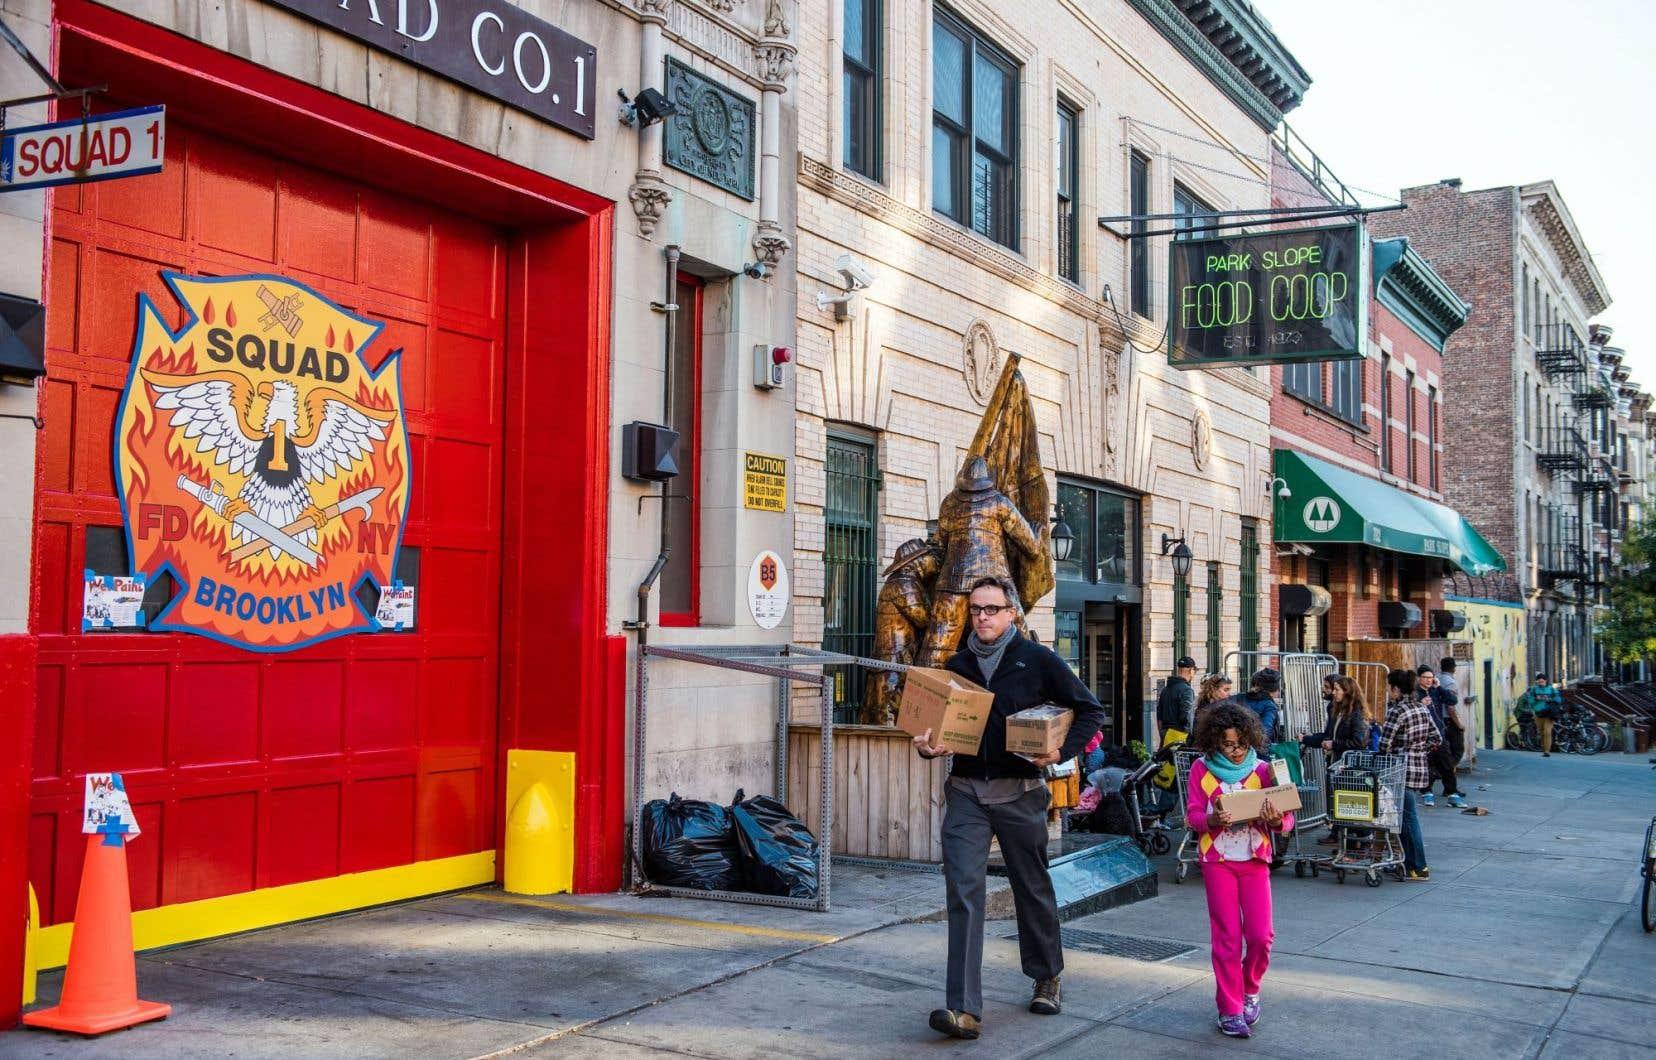 En 2000, la Park Slope Food Coop a doublé l'espace de son magasin situé dans la rue Union, entre les 6eet 7eavenues à Brooklyn, passant de 500 à 1000 mètres carrés.